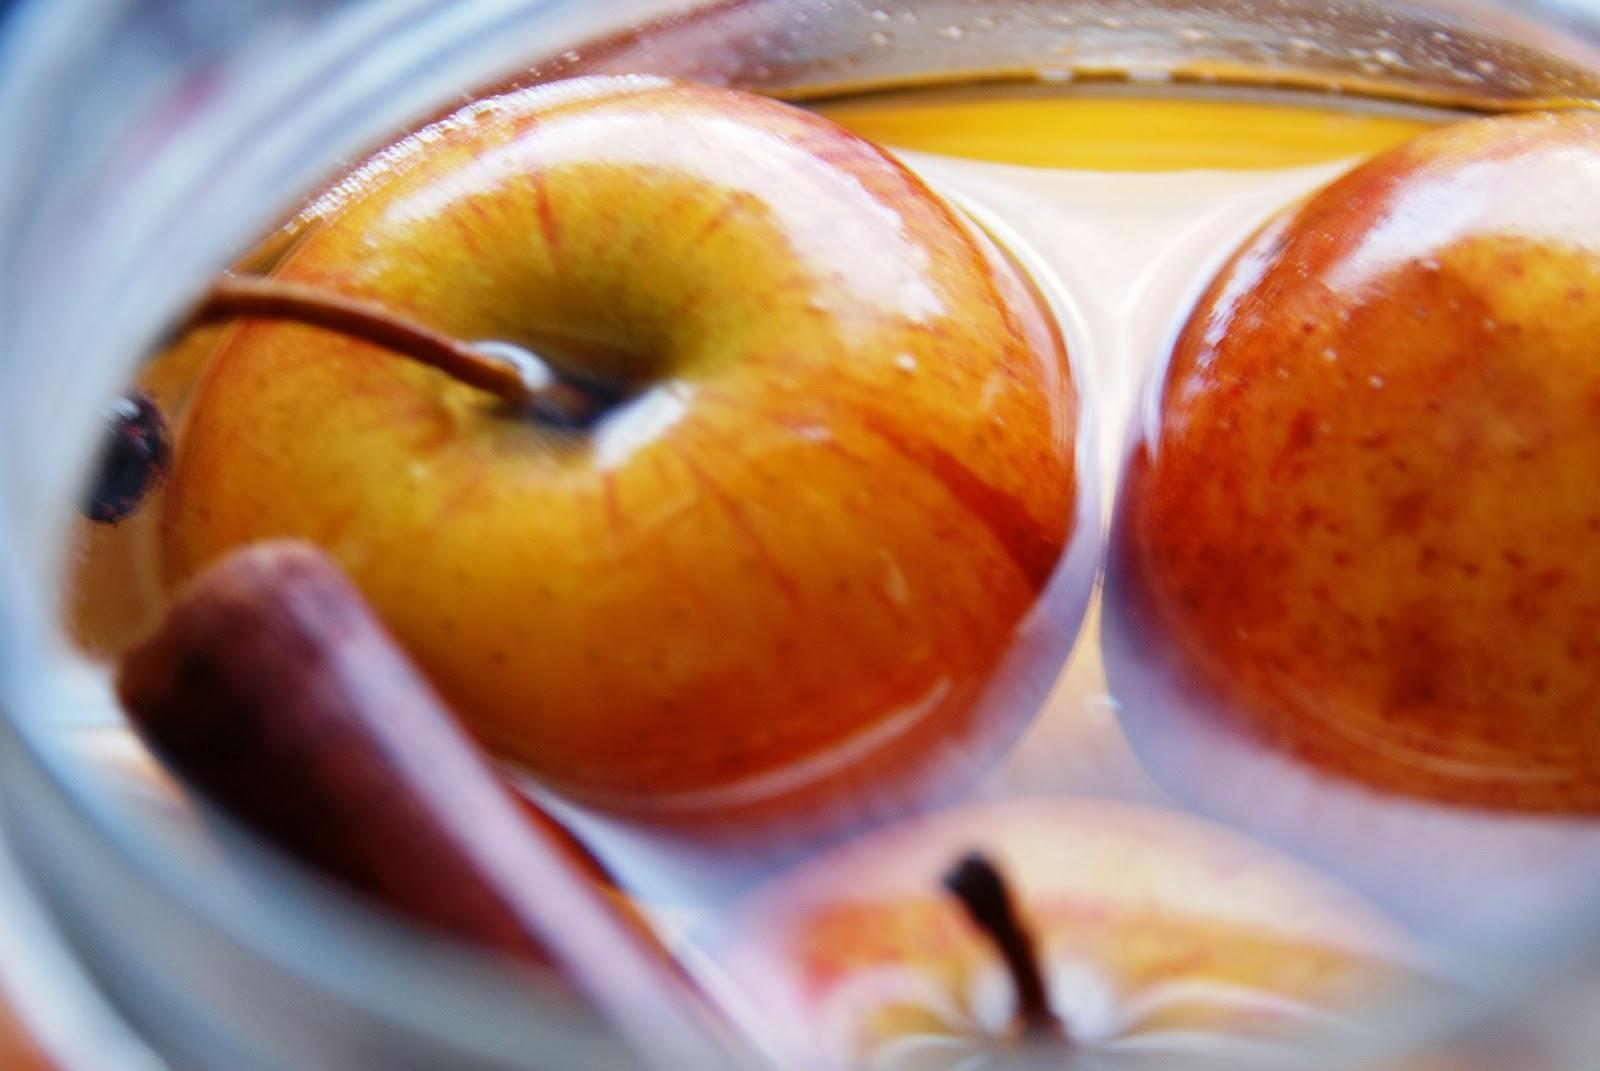 Znalezione obrazy dla zapytania kiszone jablko